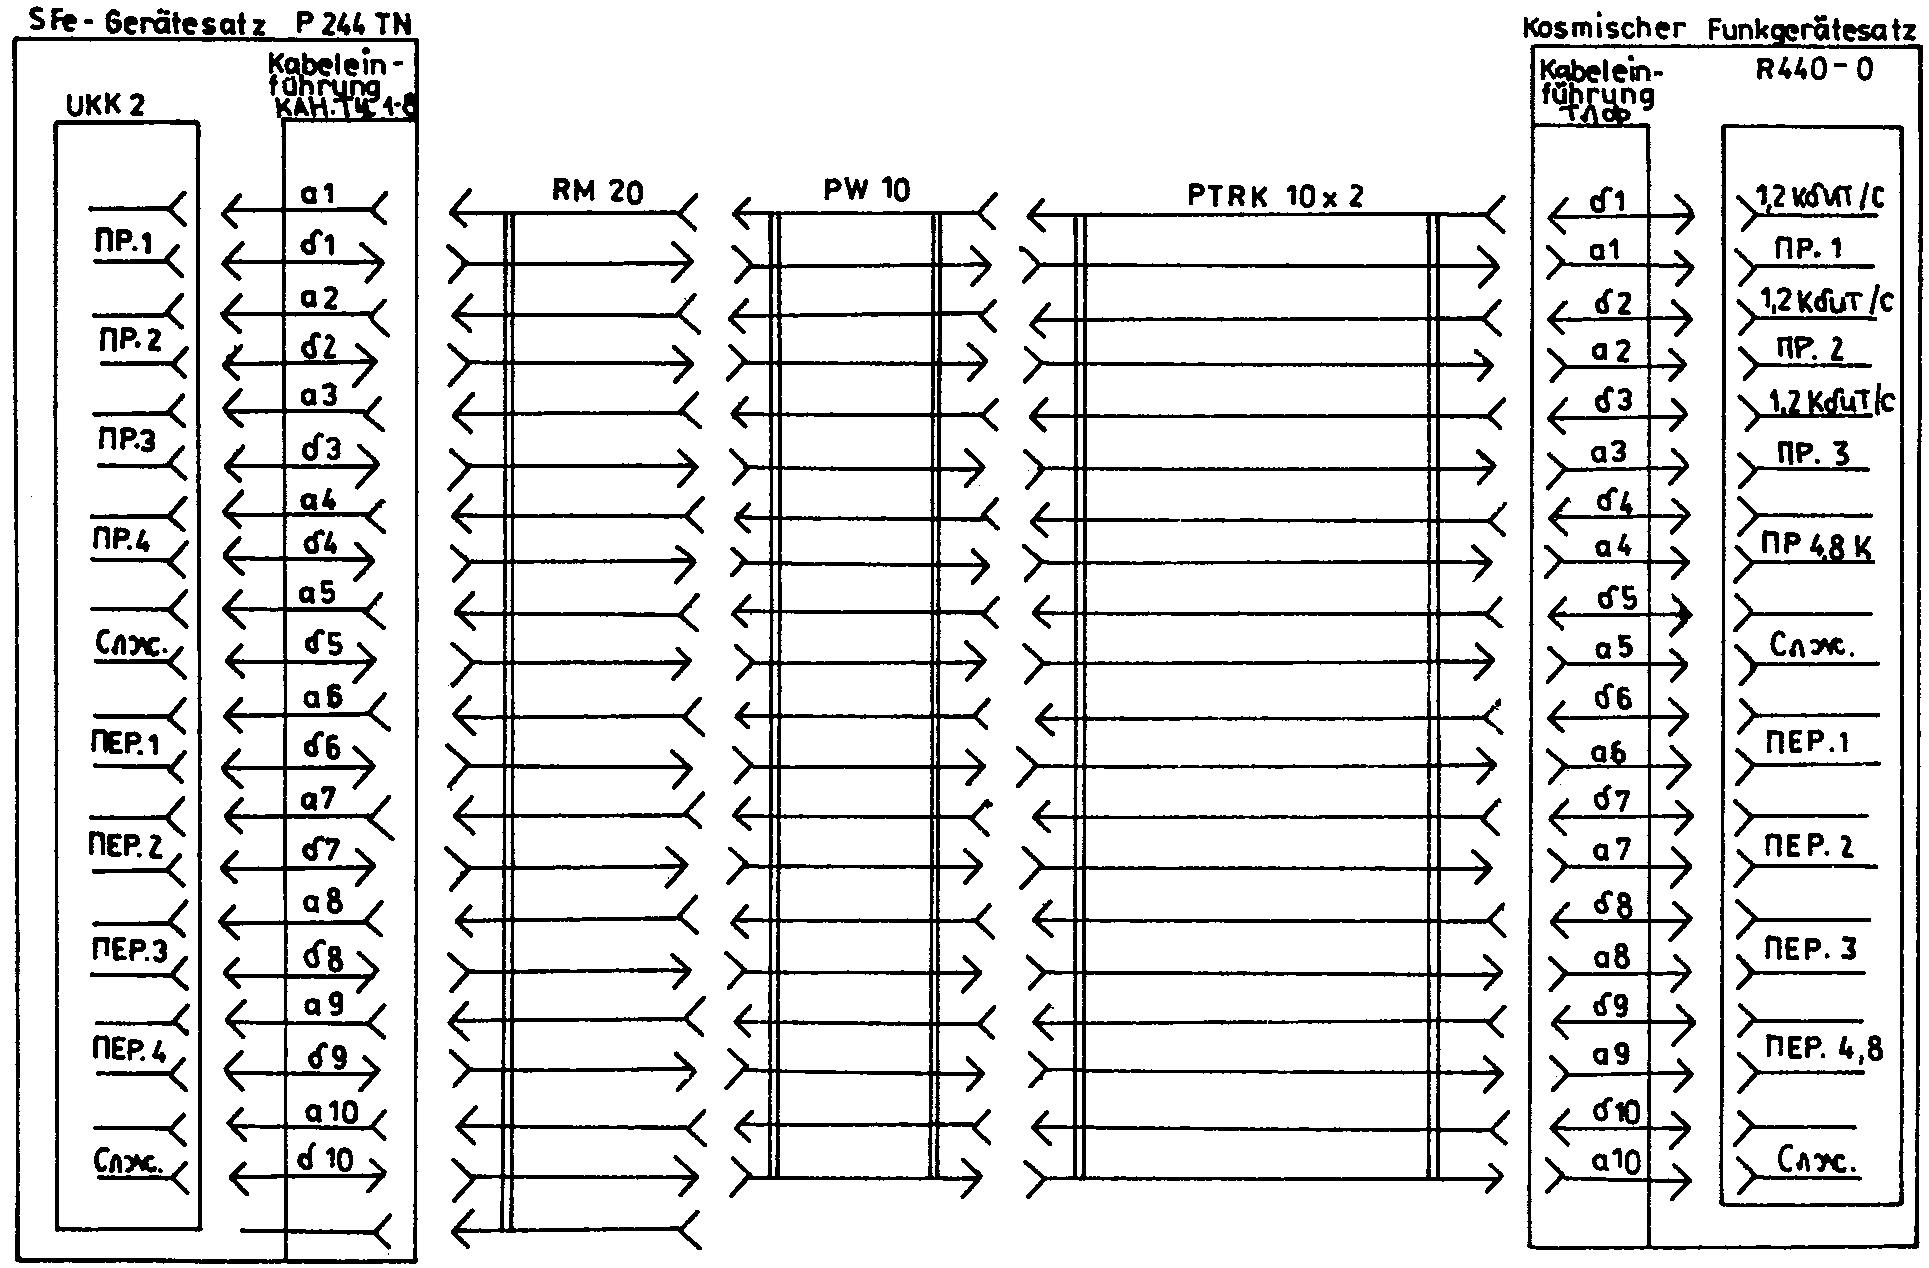 größe signaltafeln der db